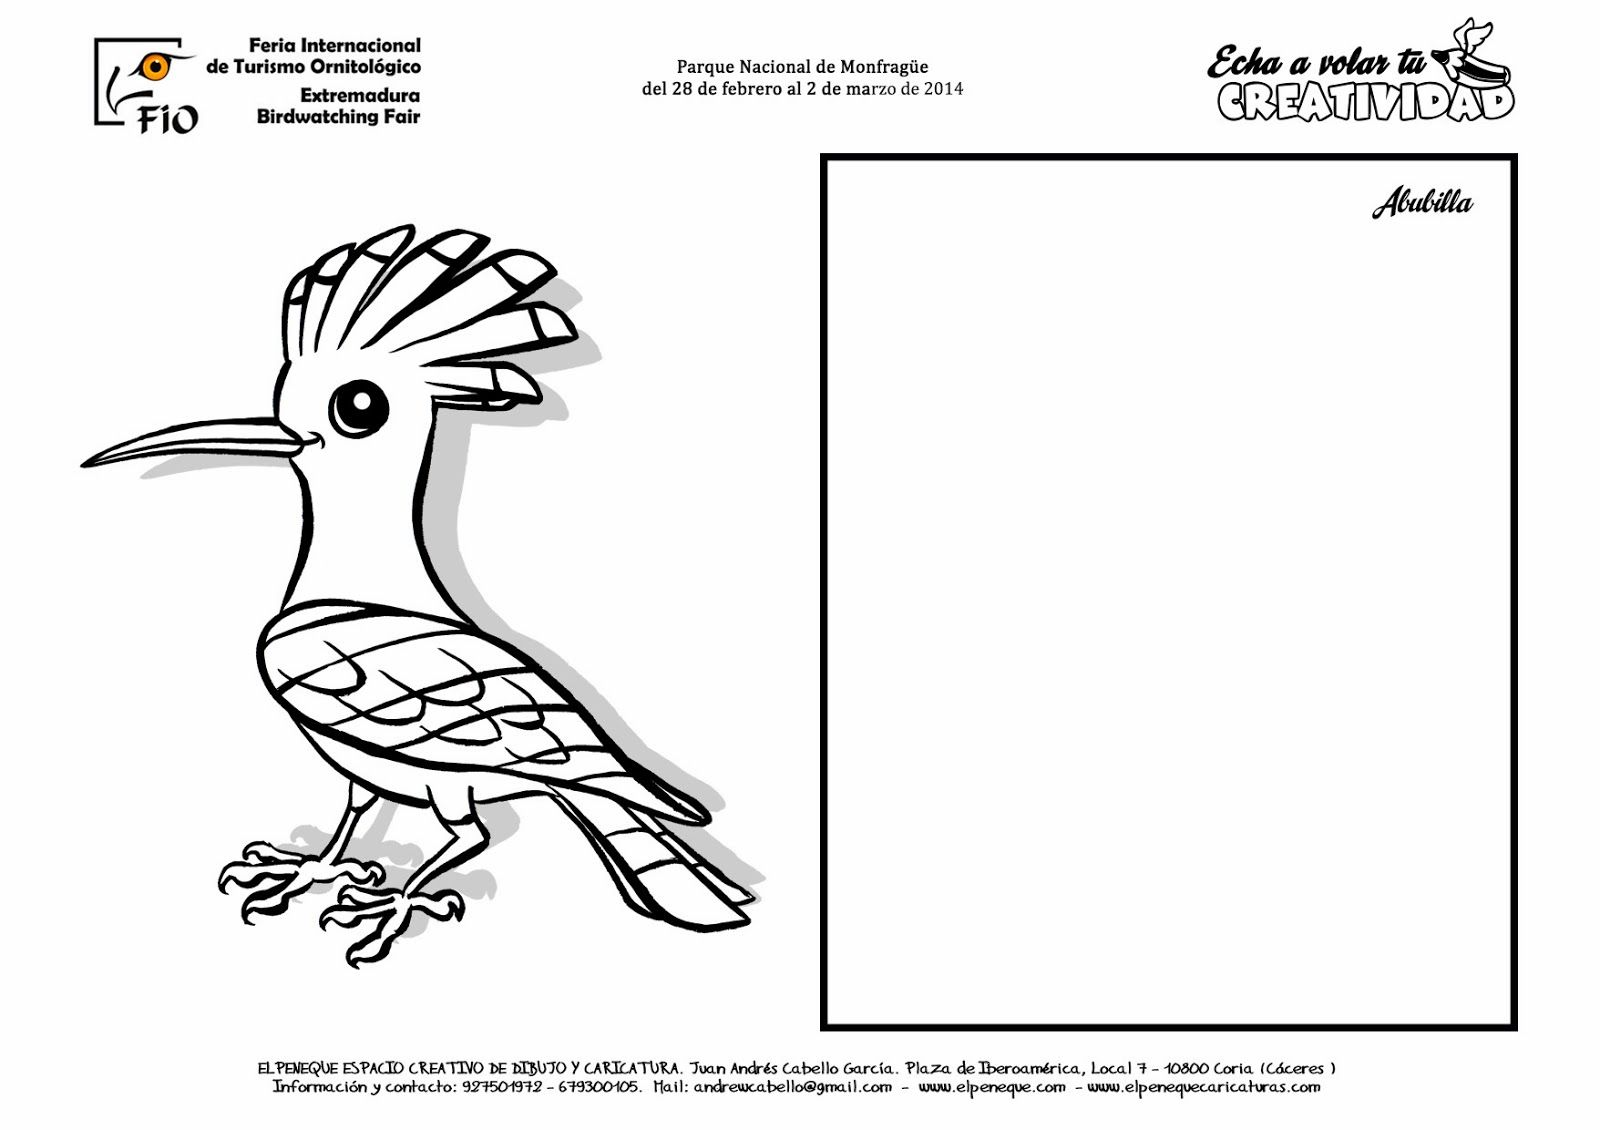 FICHAS DE AVES PARA DIBUJAR Y COLOREAR EN FIO   Abubilla   aves en ...